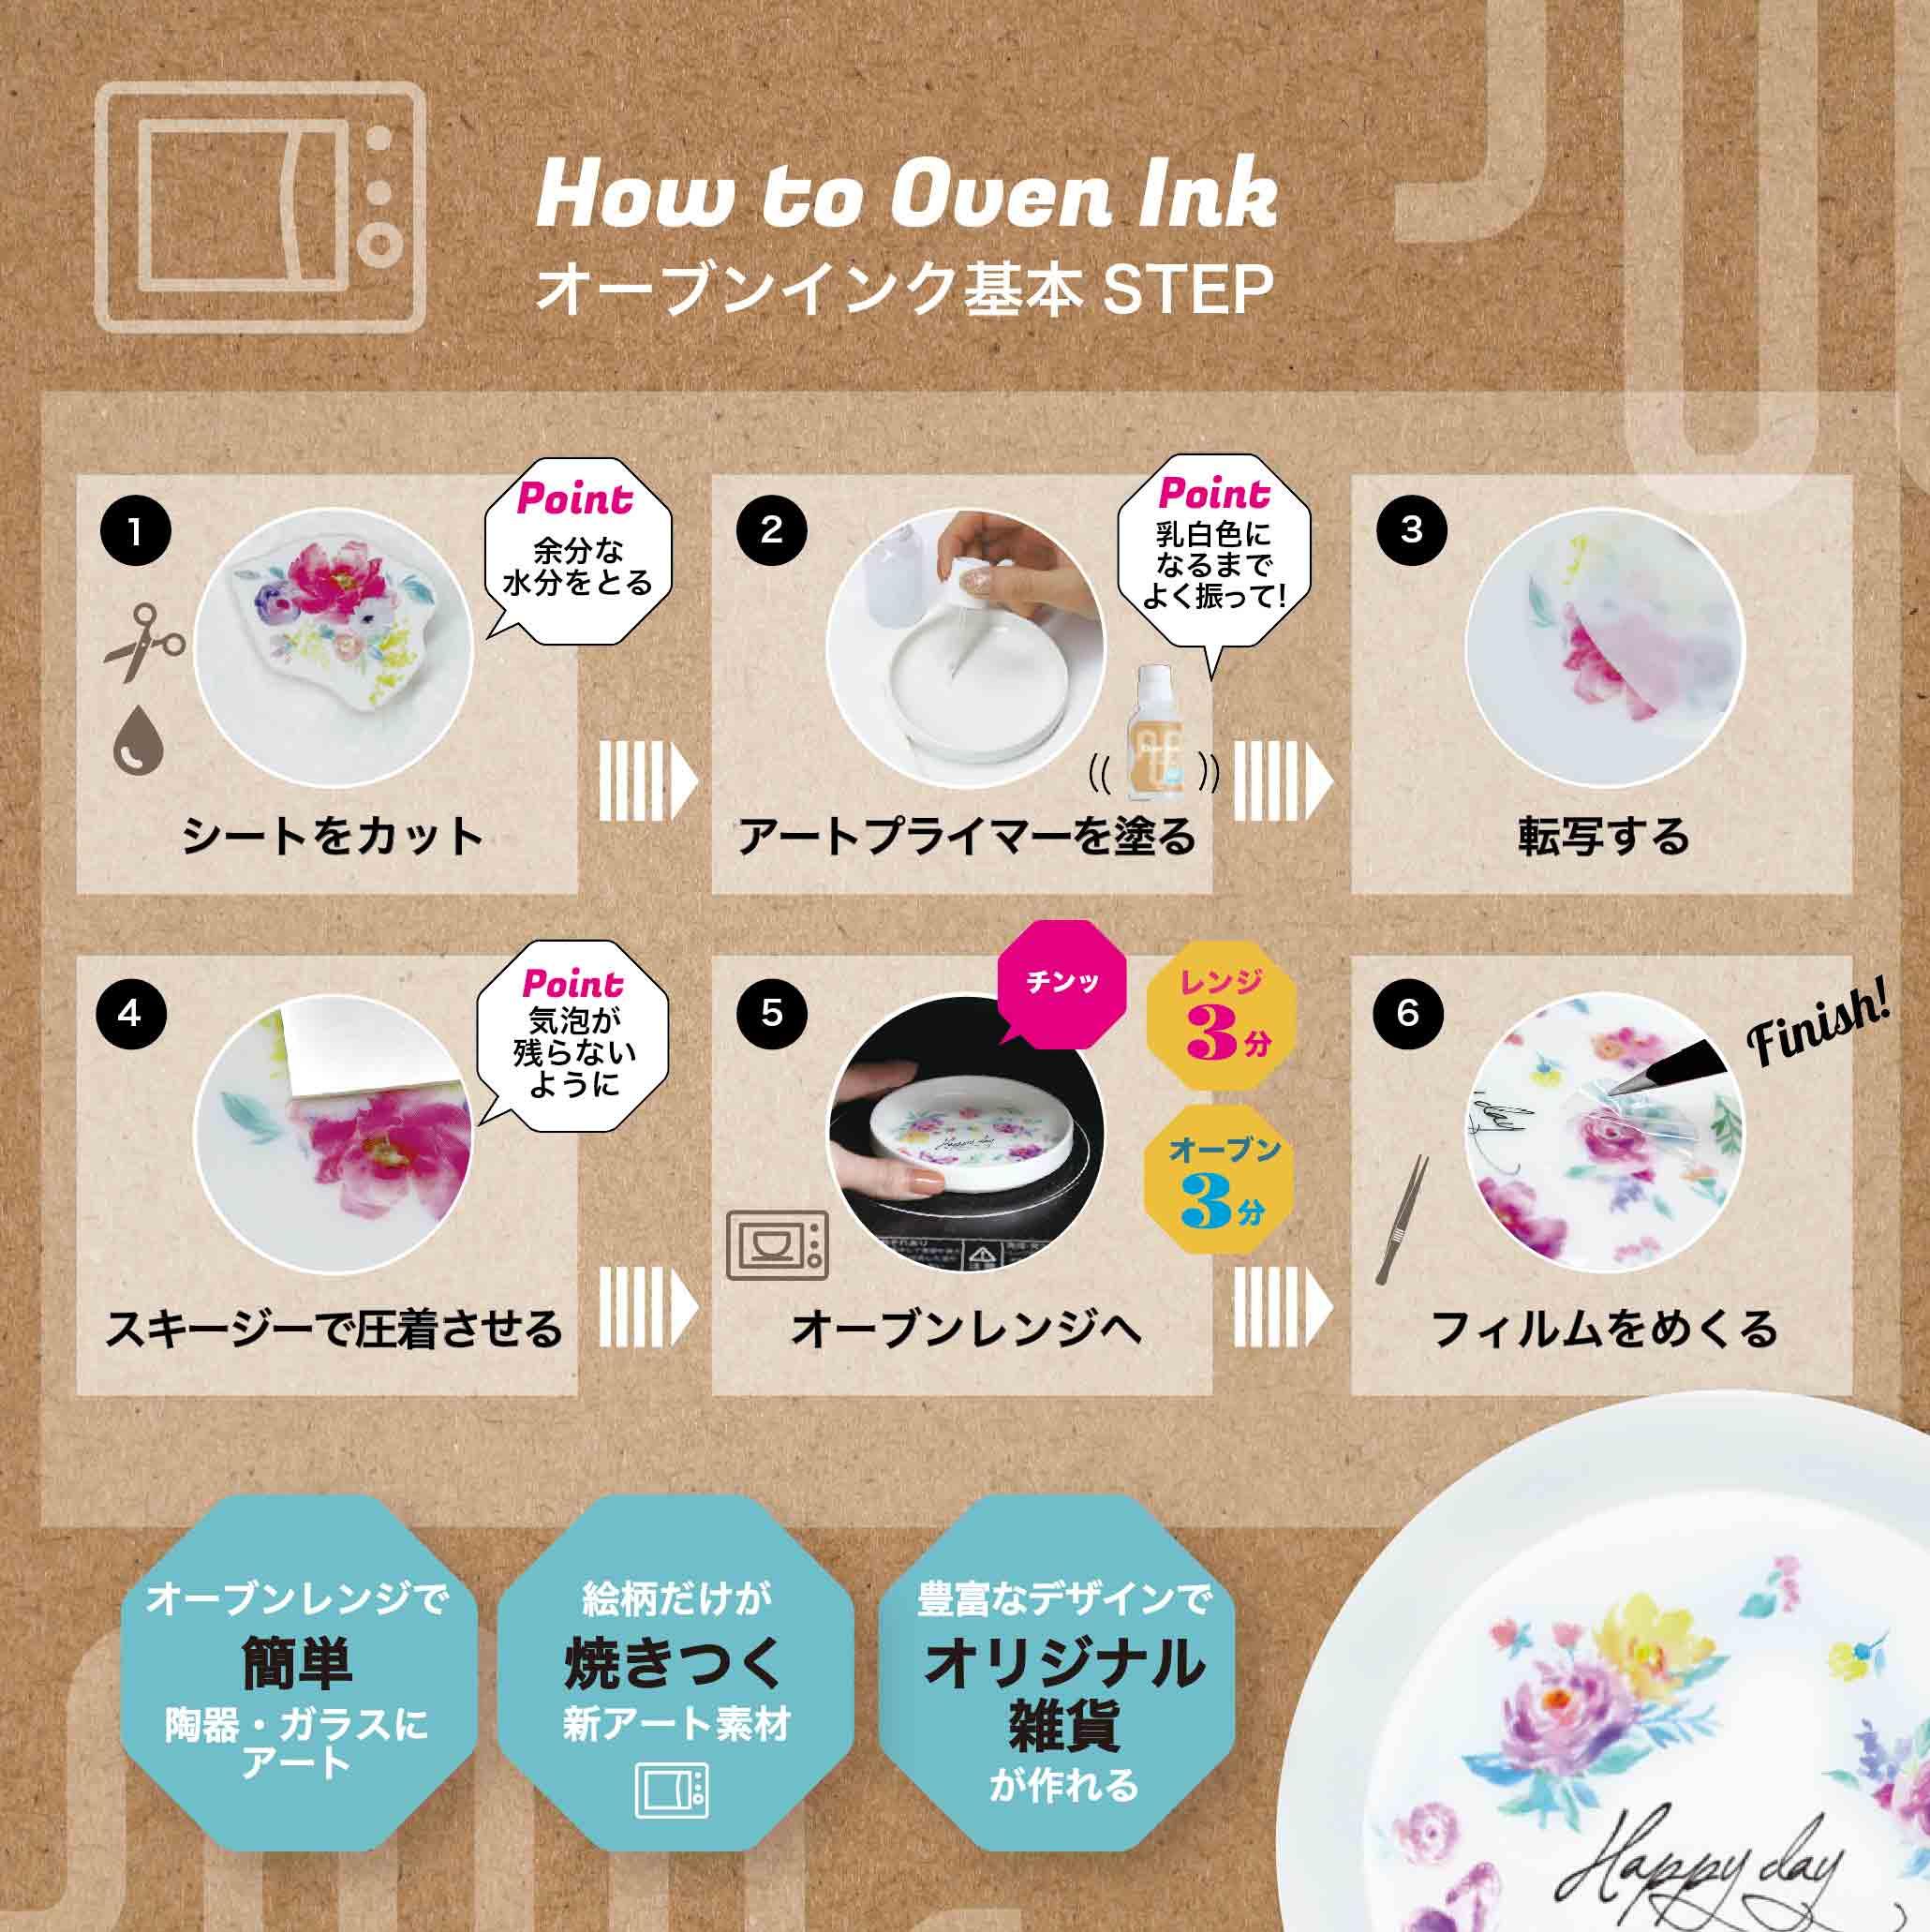 オーブンインク アートプライマー30ml - Oven Ink Art Primer [オーブンインクツール][宅配便配送] ■OVEN INKオーブンインク(オーブンレンジ焼成用)